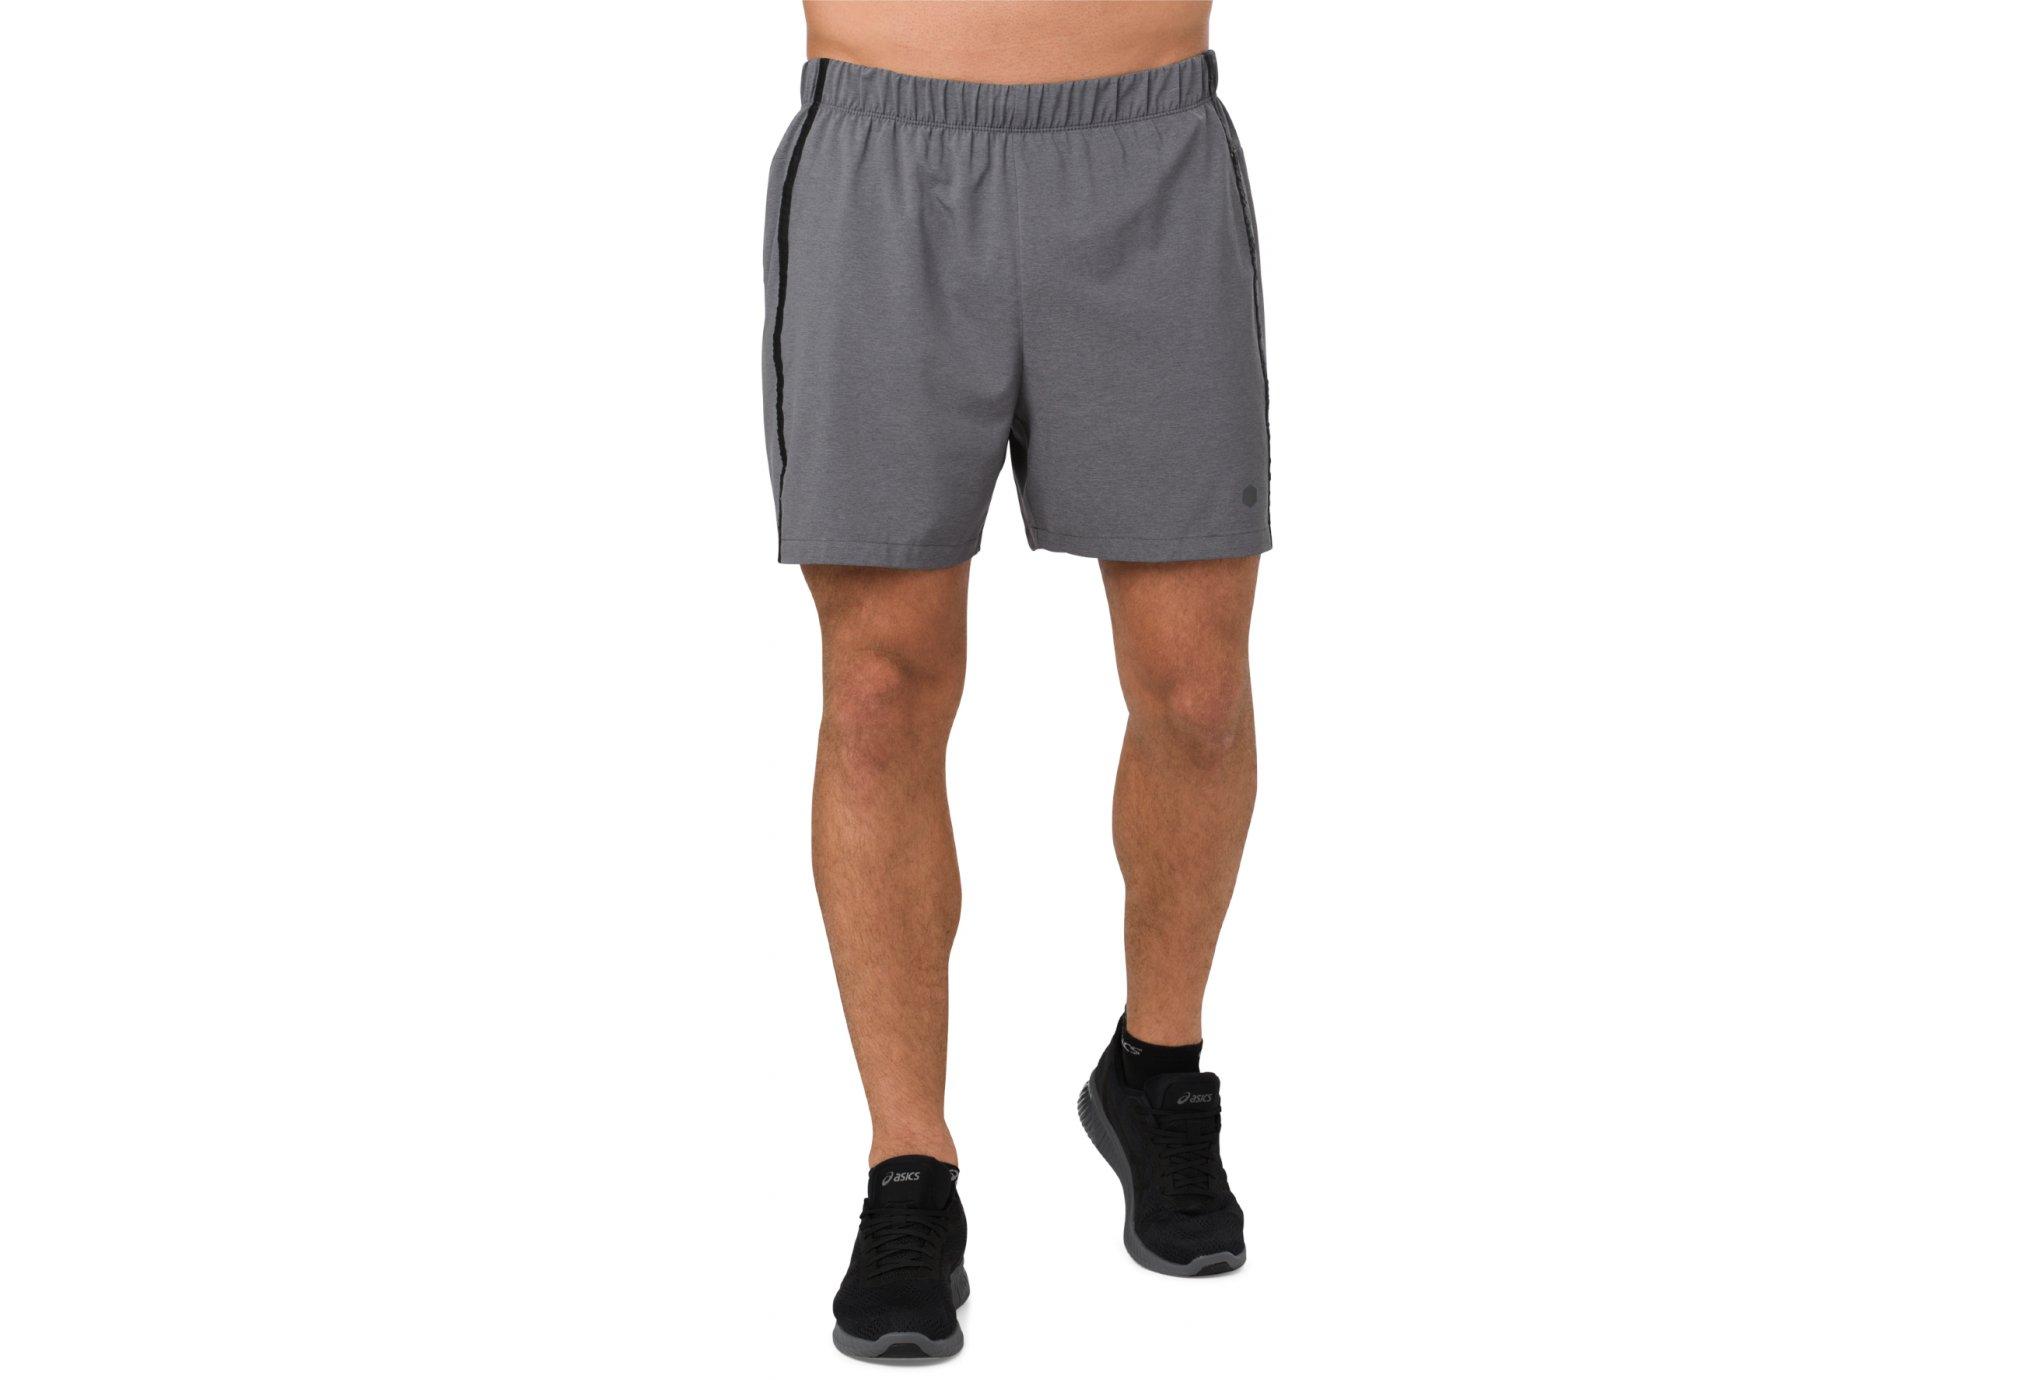 Asics 5inch m diététique vêtements homme